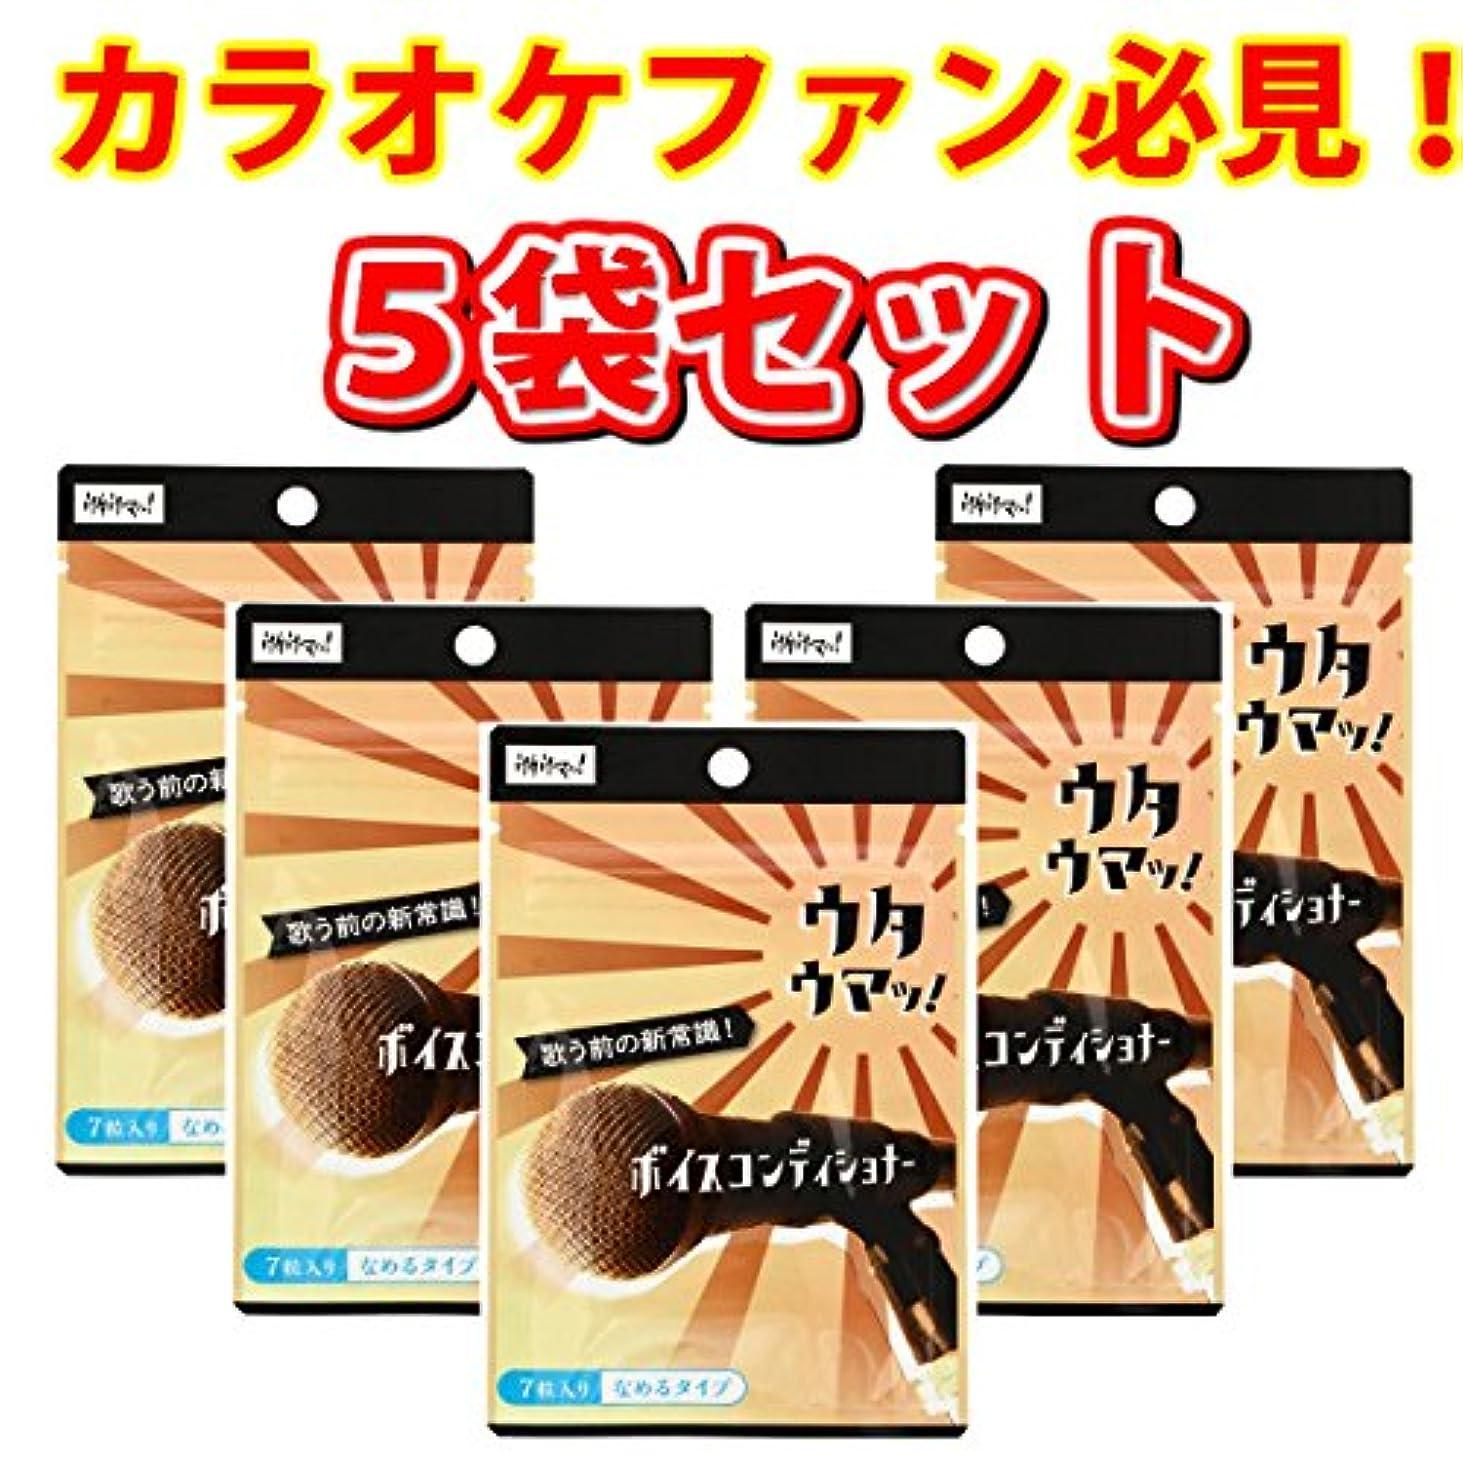 誰も遷移ケーブルカーカラオケサプリの決定版 《ボイスコンディショナー》 ウタウマッ!お得な5袋セット